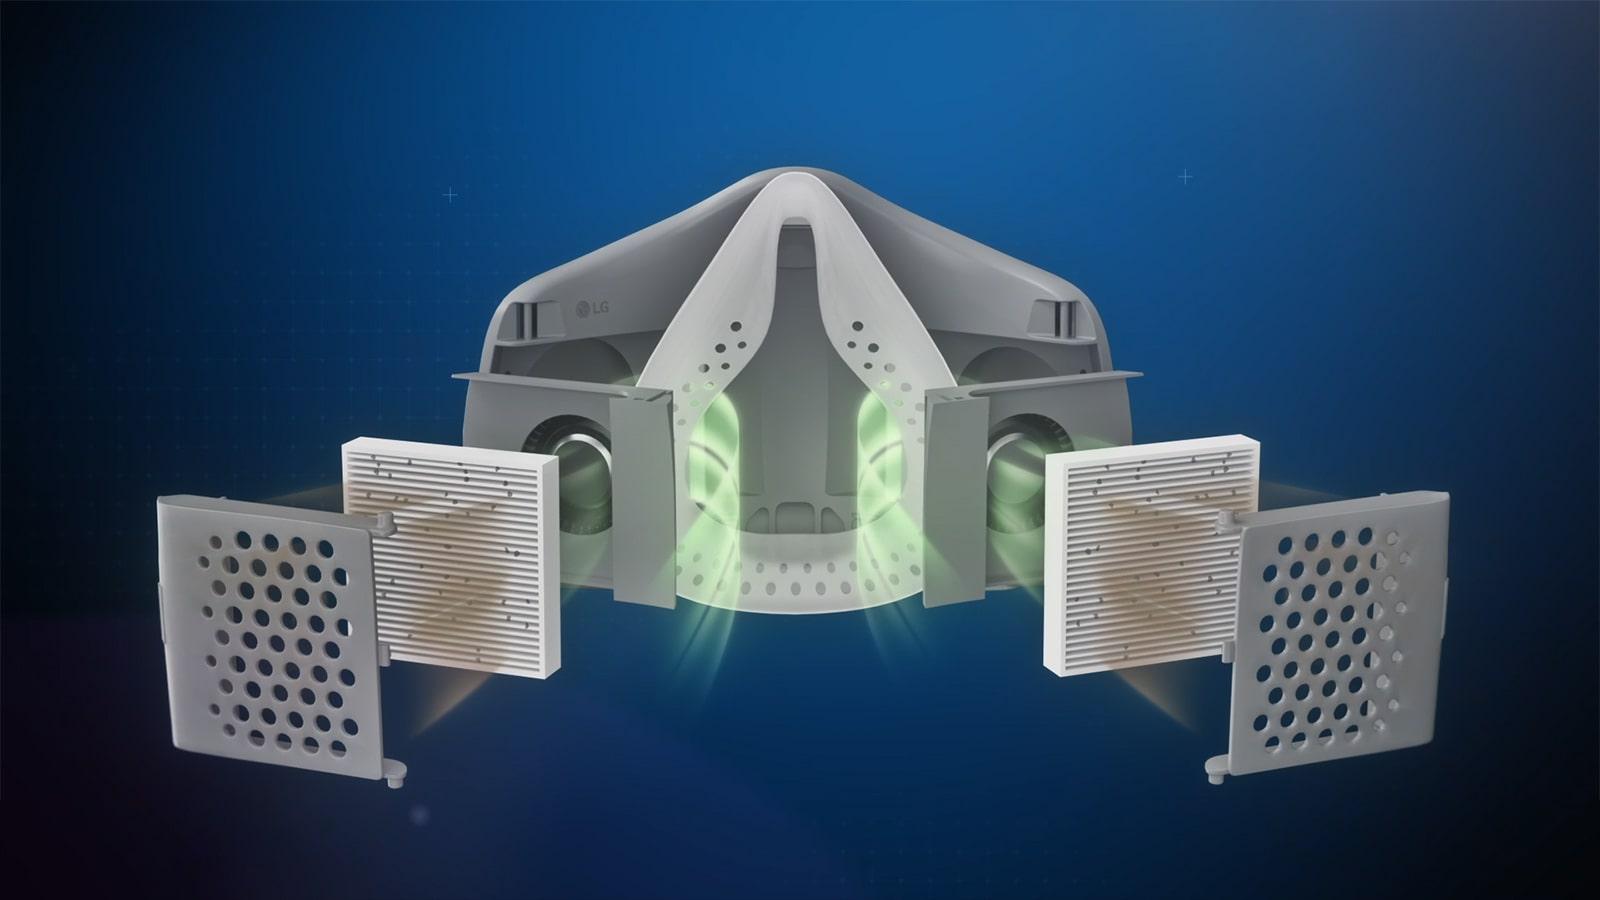 Sebuah video memperlihatkan LG PuriCare Wearable Air Purifier dari bagian depan dan beralih pada bagian samping yang terdapat HEPA filter dan kemudian bagian luar terlihat membesar untuk menunjukkan bagaimana pergerakan udara melalui setiap bagian menuju filter sehingga memerangkap partikulat dan debu didalam masker supaya tak menyentuh penggunanya